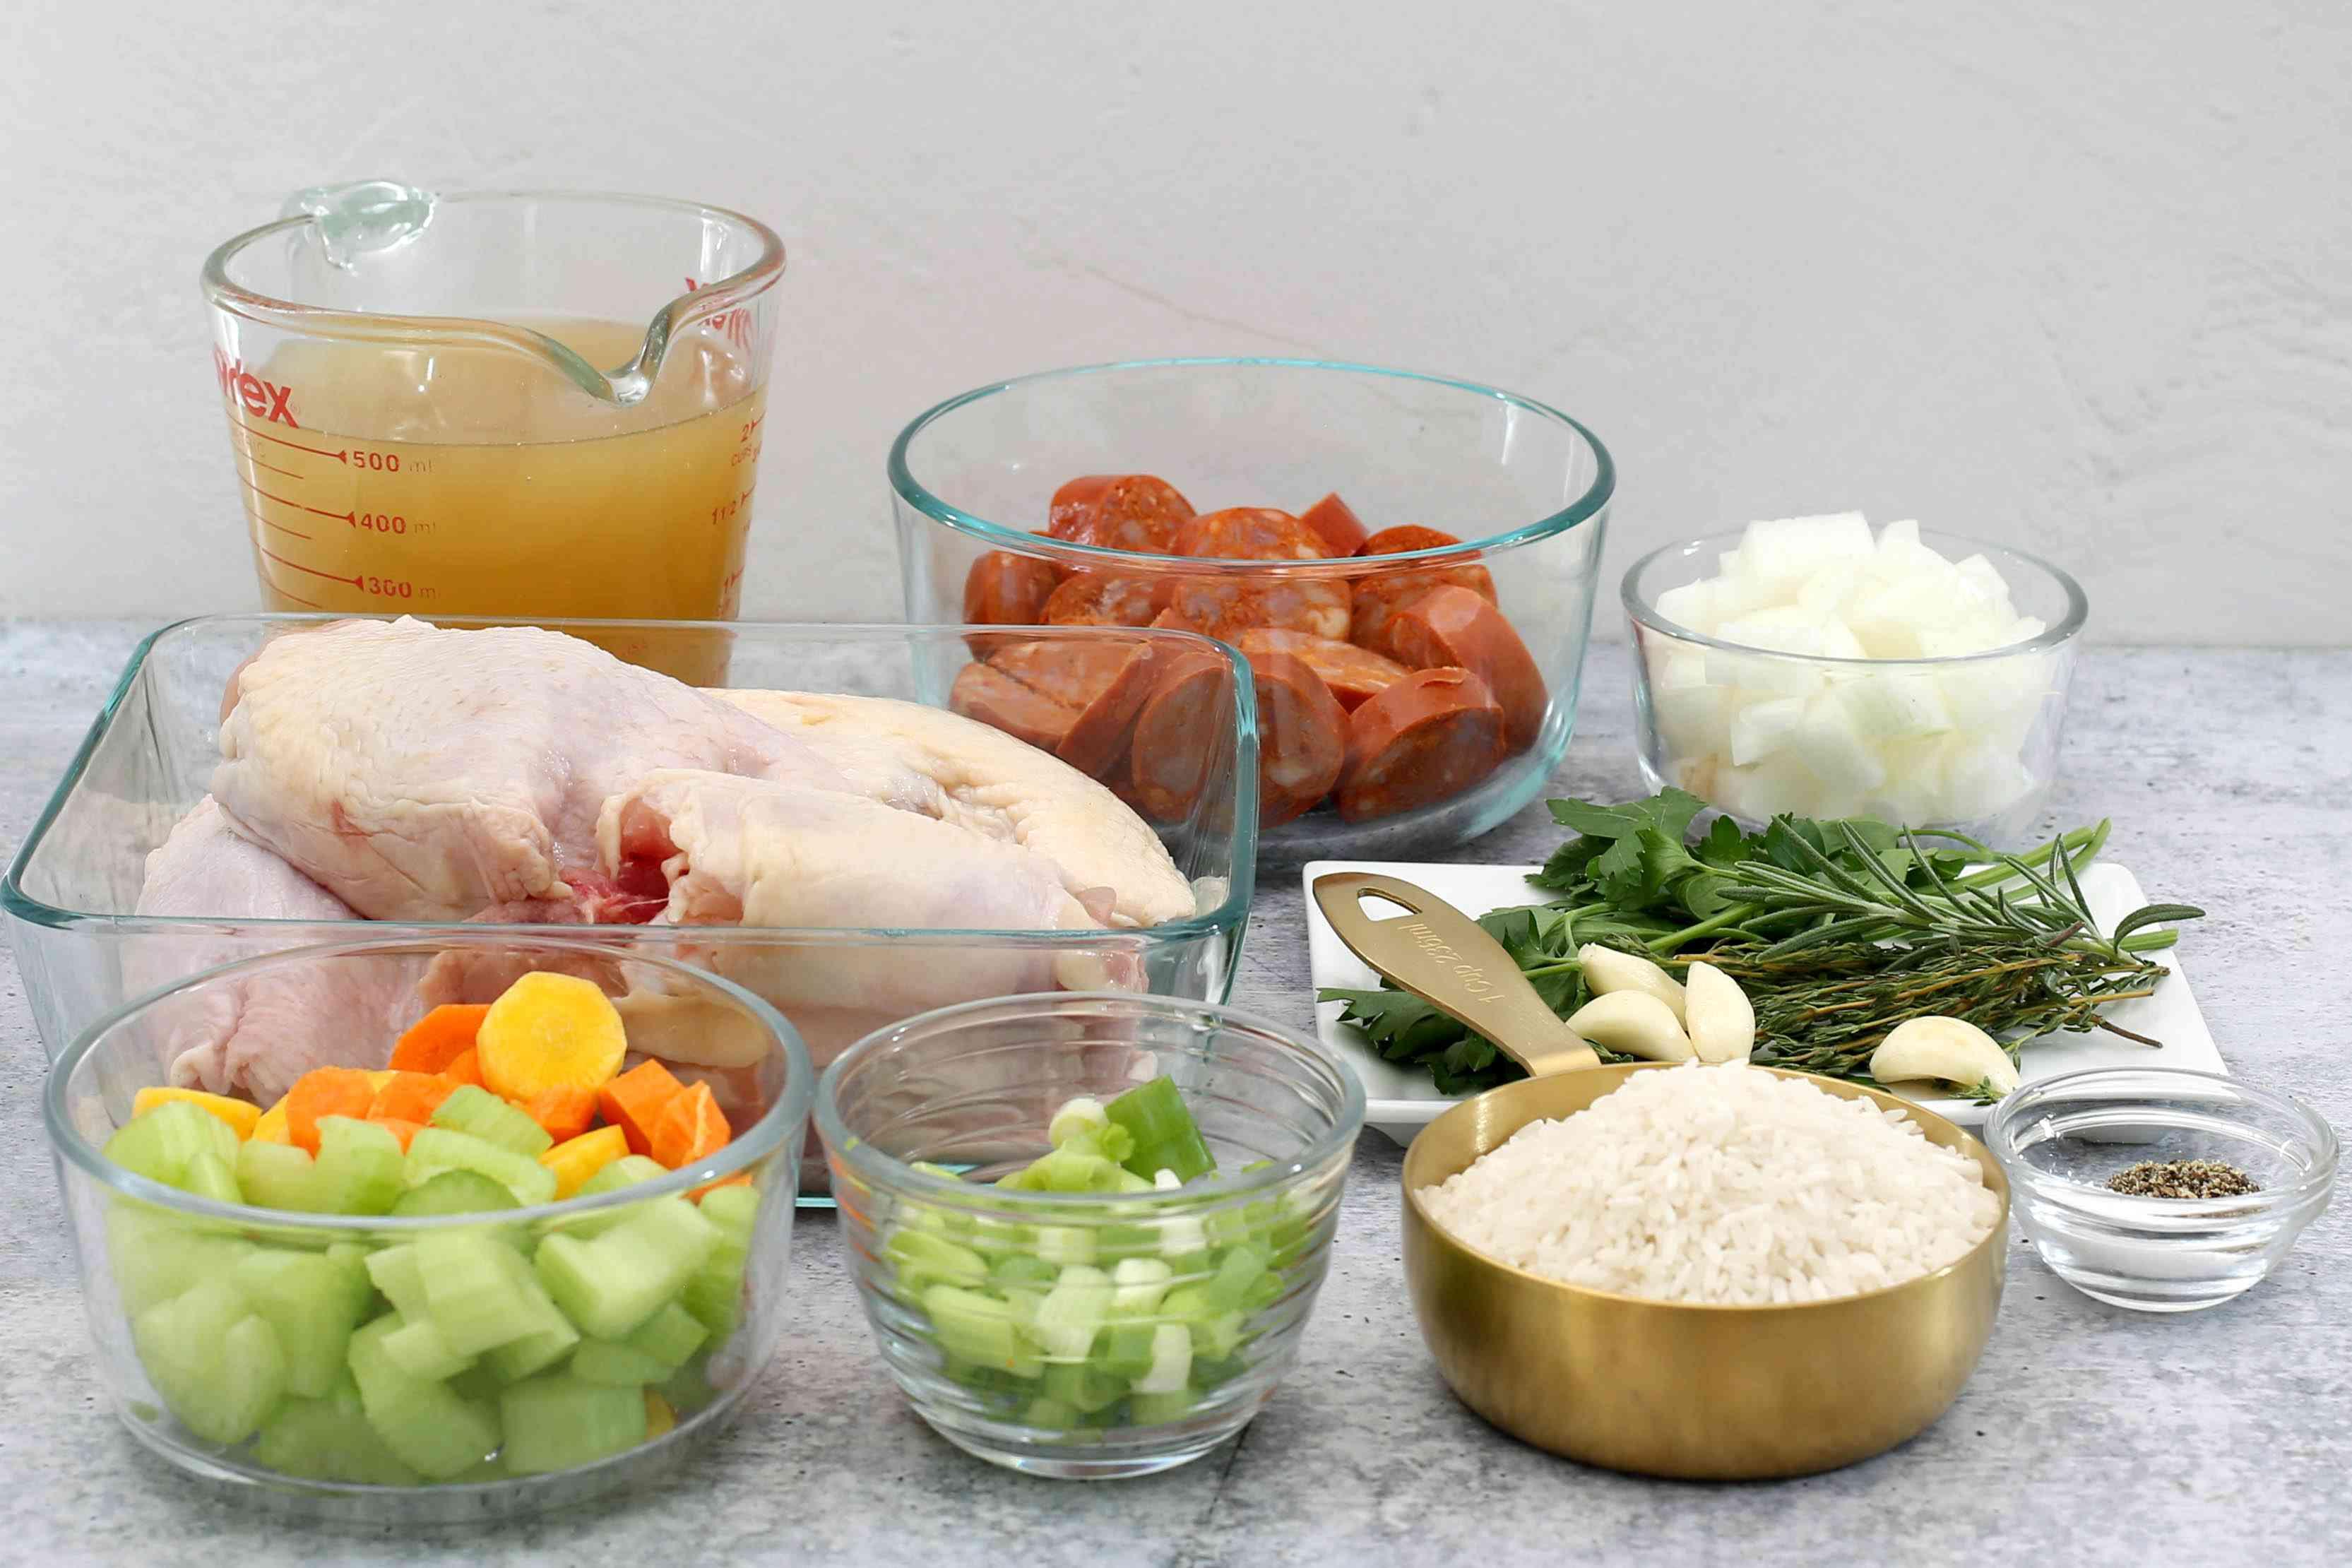 Ingredients for Carolina chicken bog.